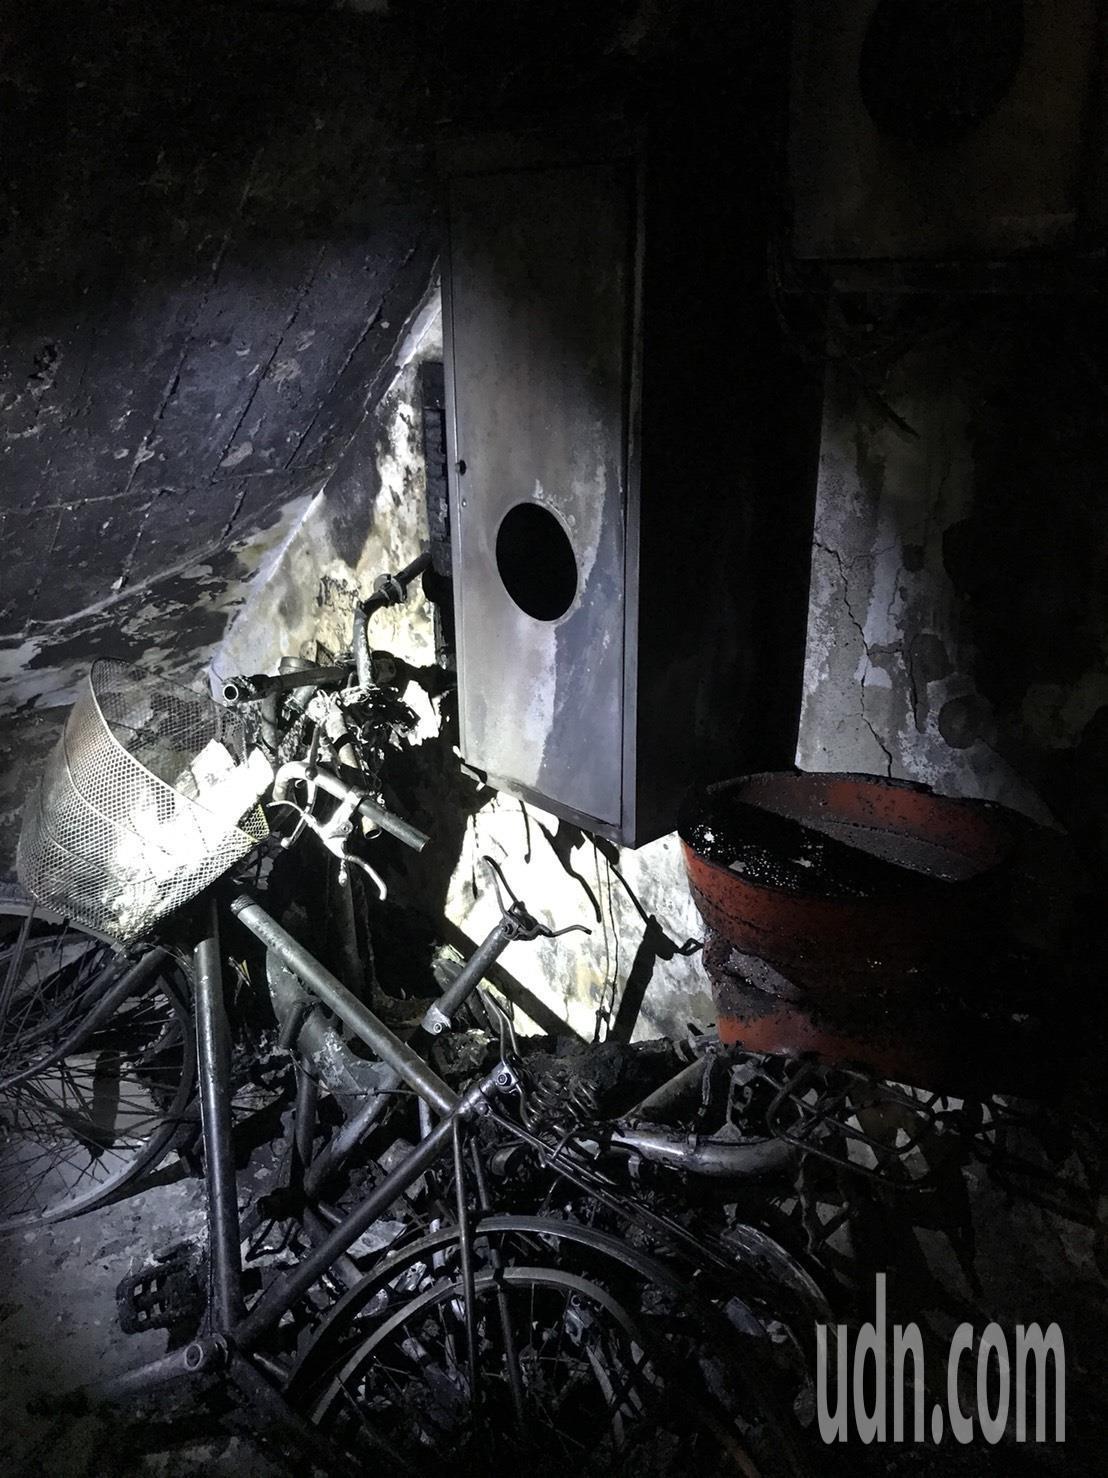 萬華夜間火警,起火點疑為一樓樓梯間的變電箱。記者蕭雅娟/翻攝